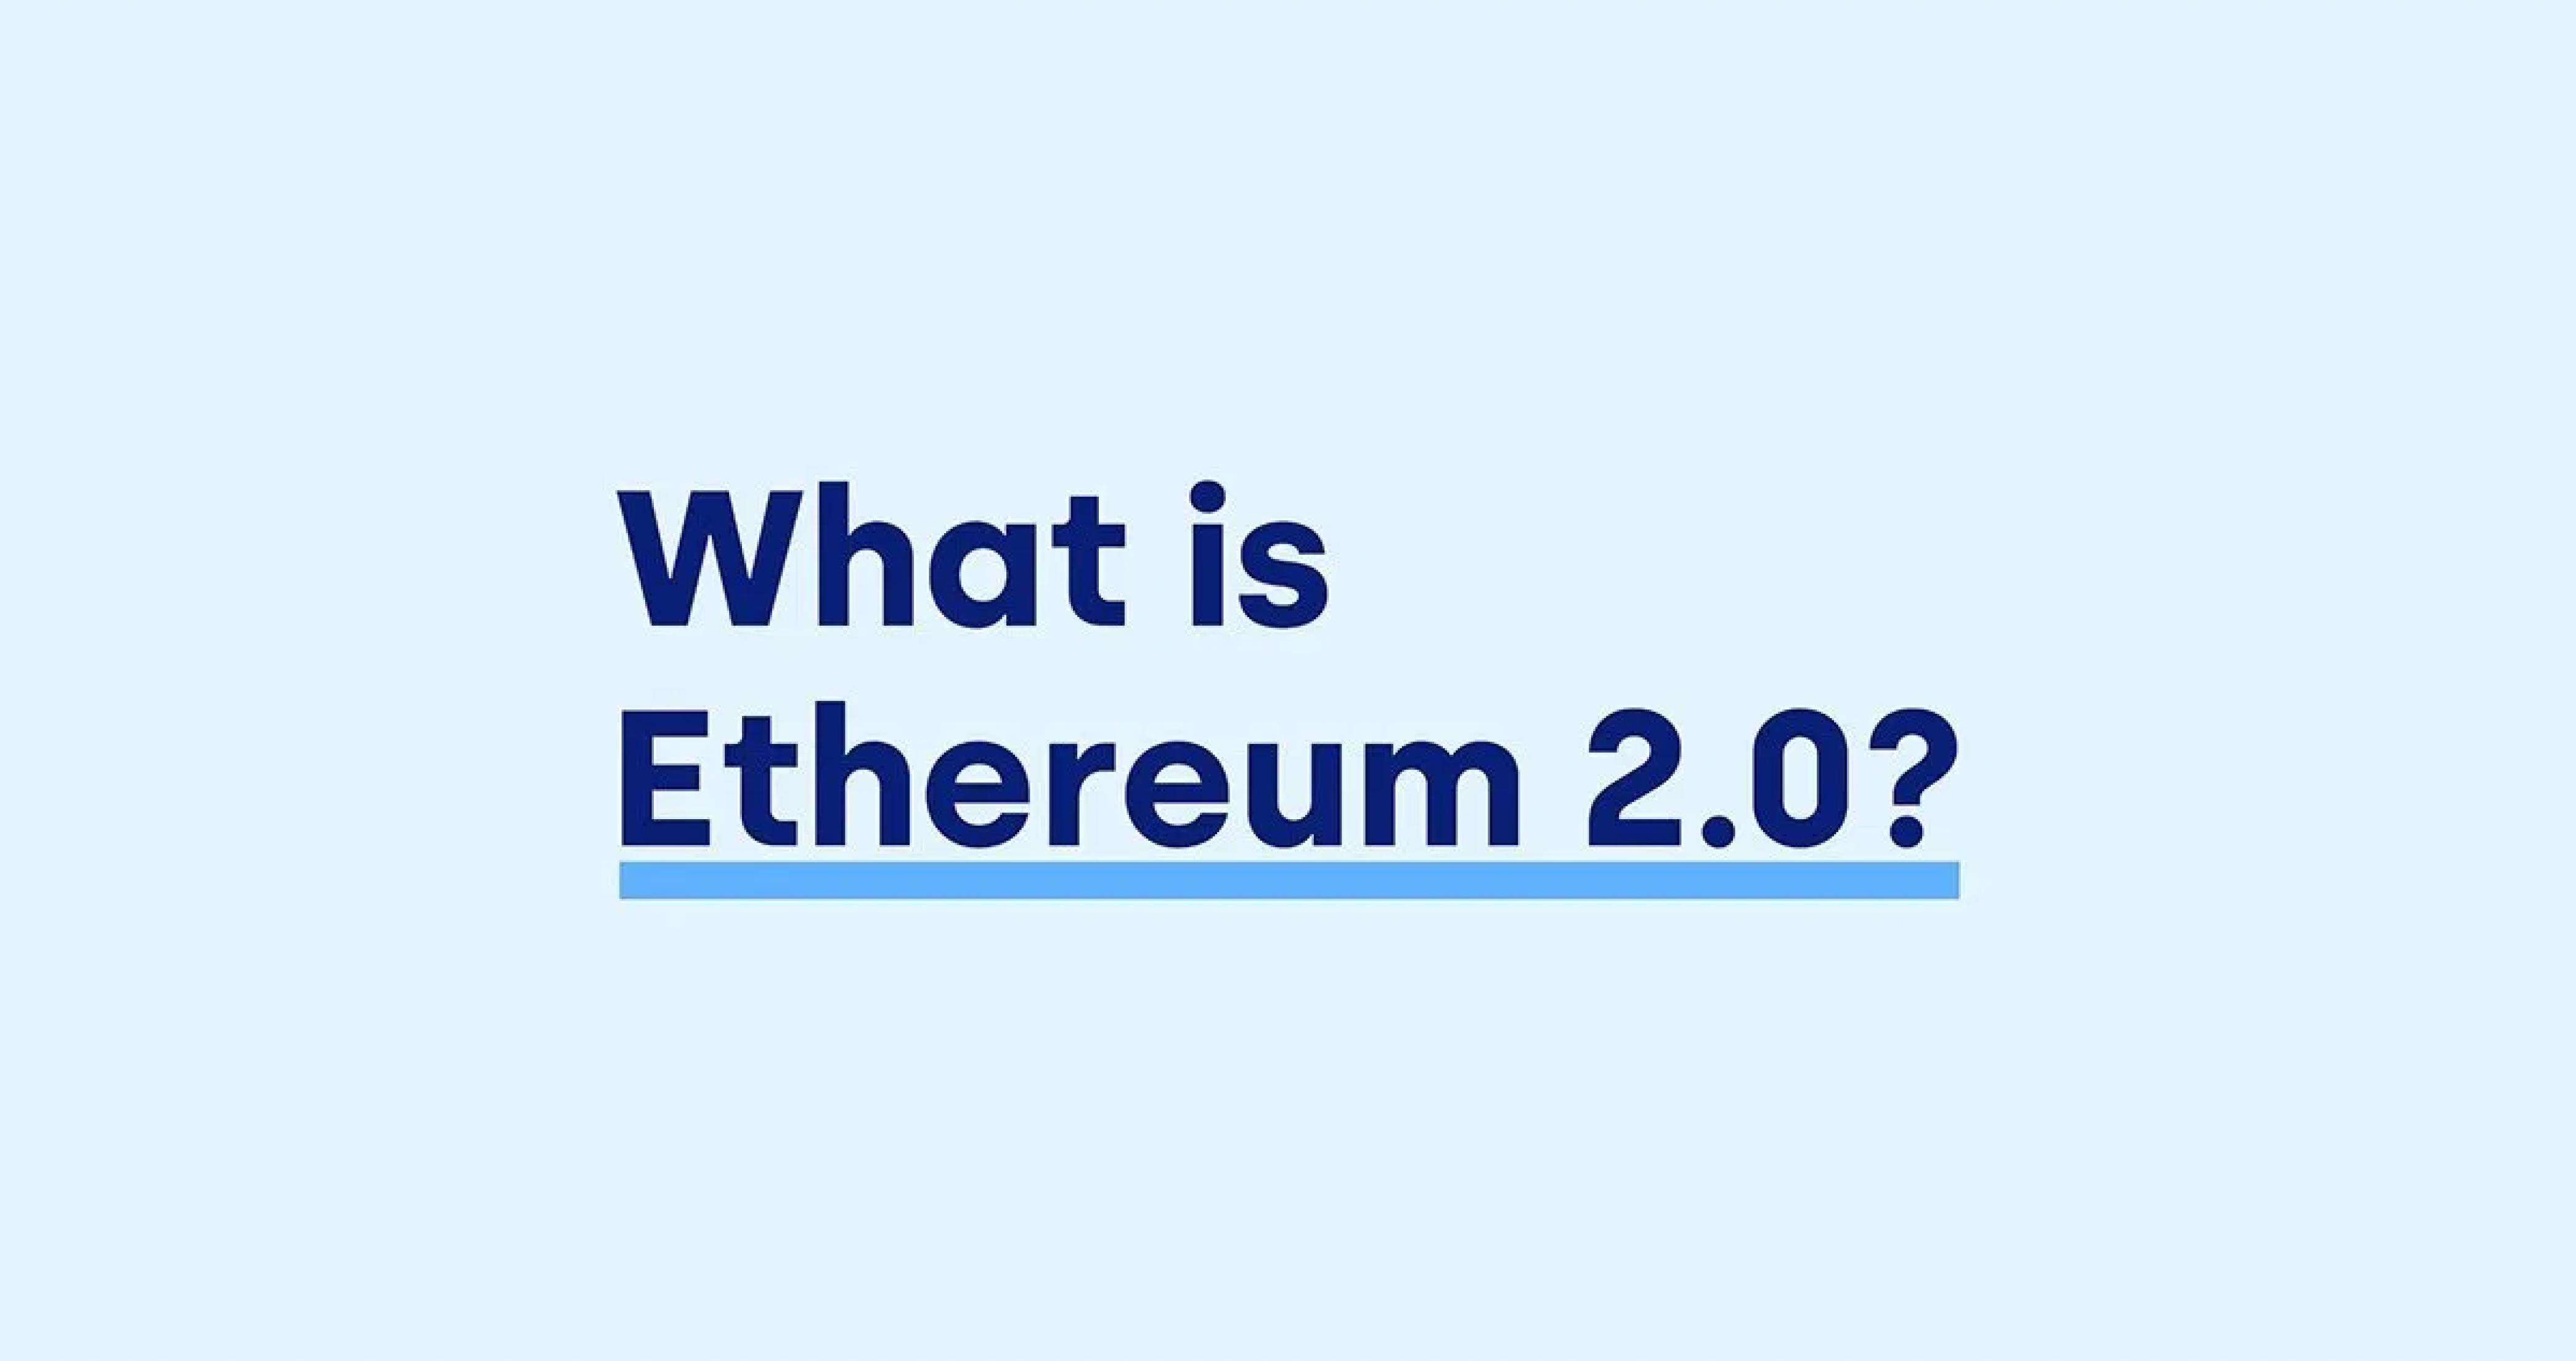 ETH 2.0